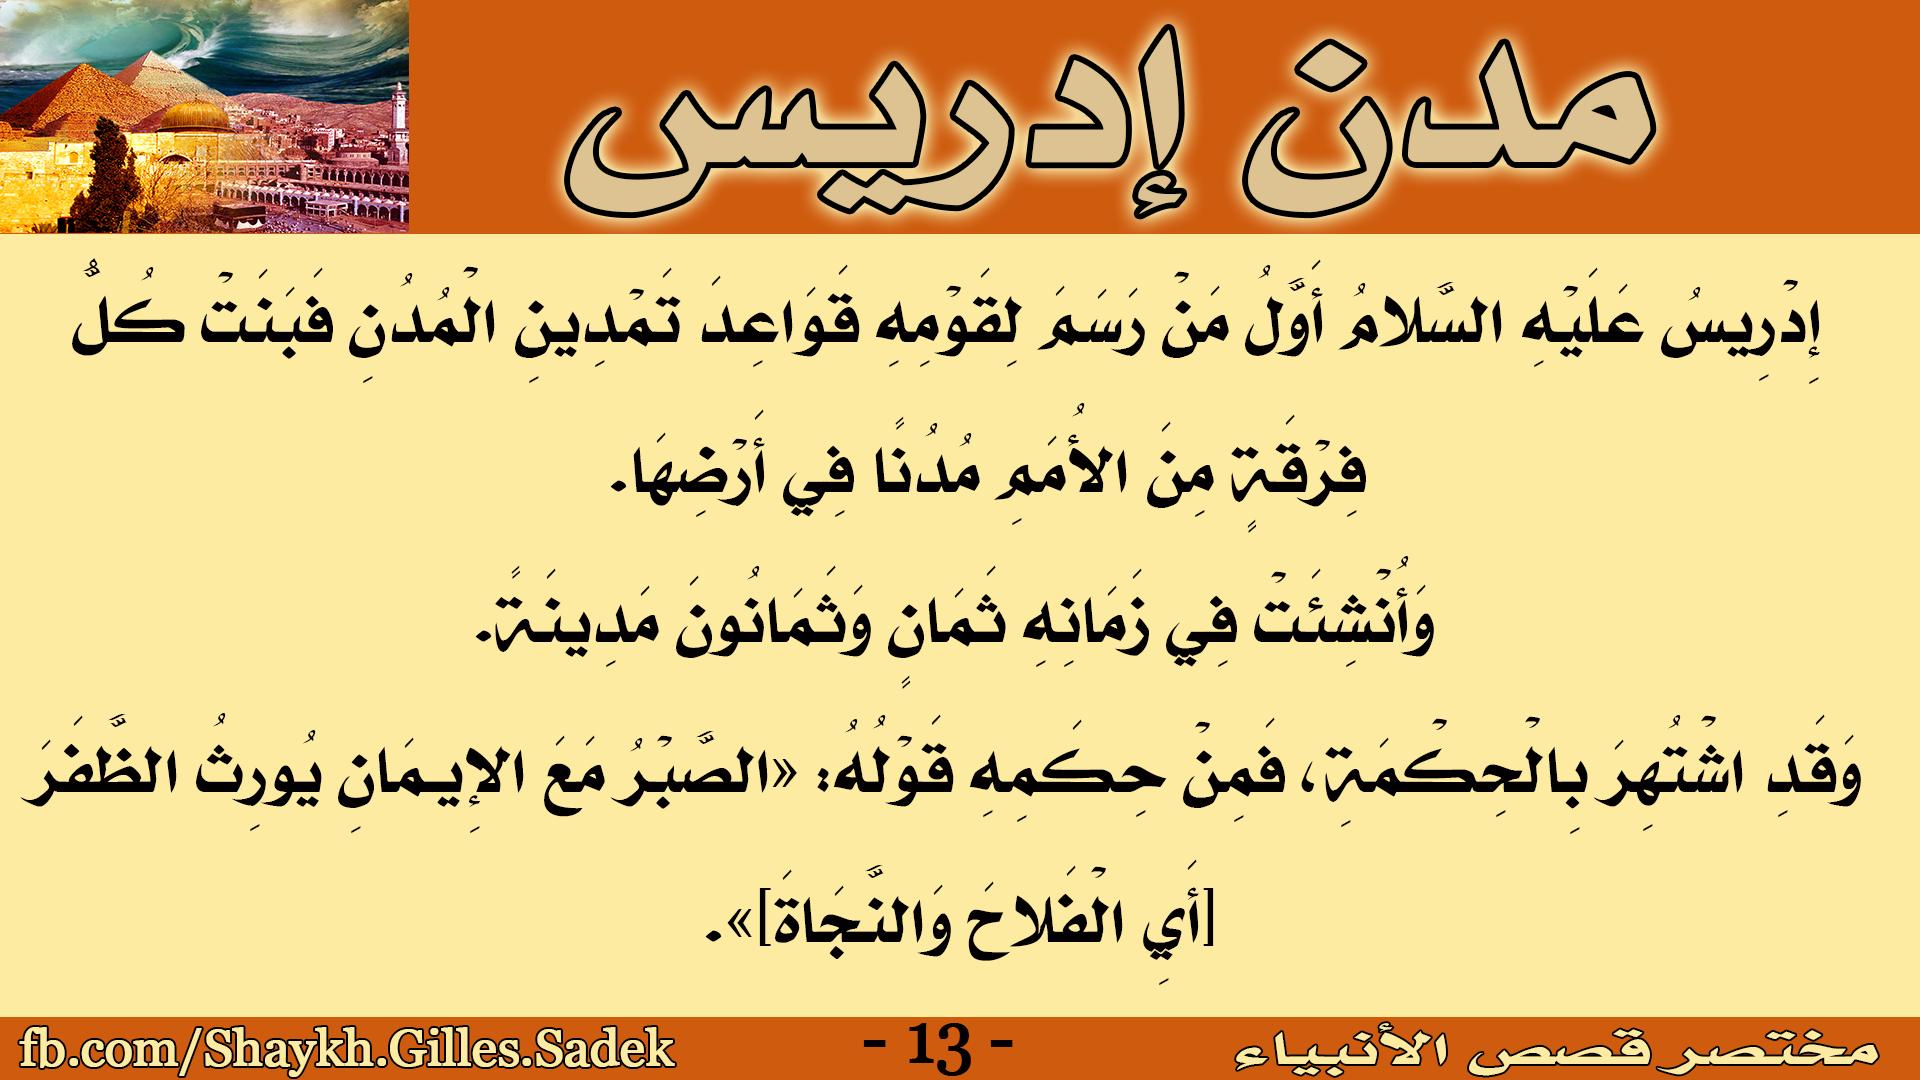 مختصر قصص الأنبياء 13 Fb Com Shaykh Gilles Sadek Whatsapp 12048003381 Www Shaykhgillessadek Com Twitter Shaykhgilles Instagram Shaykhg Islam Allah Story